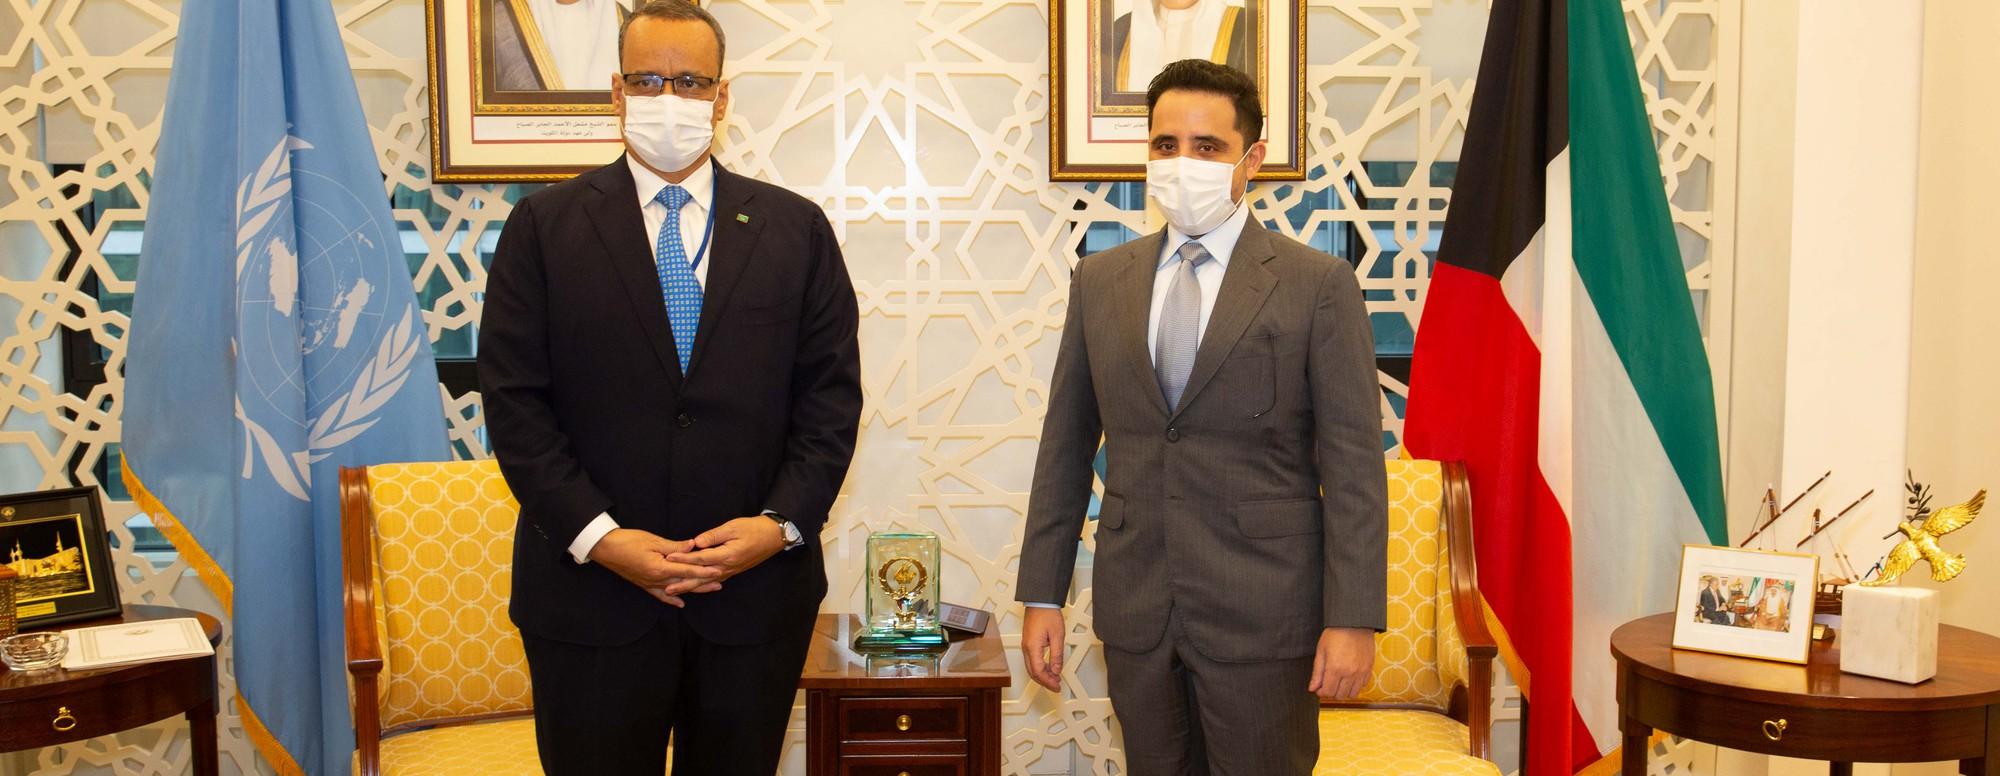 ولد الشيخ أحمد خلال لقاءه بوزير الخارجية الكويتي على هامش أعمال الدورة ال 76 للجمعية العامة للأمم المتحدة.